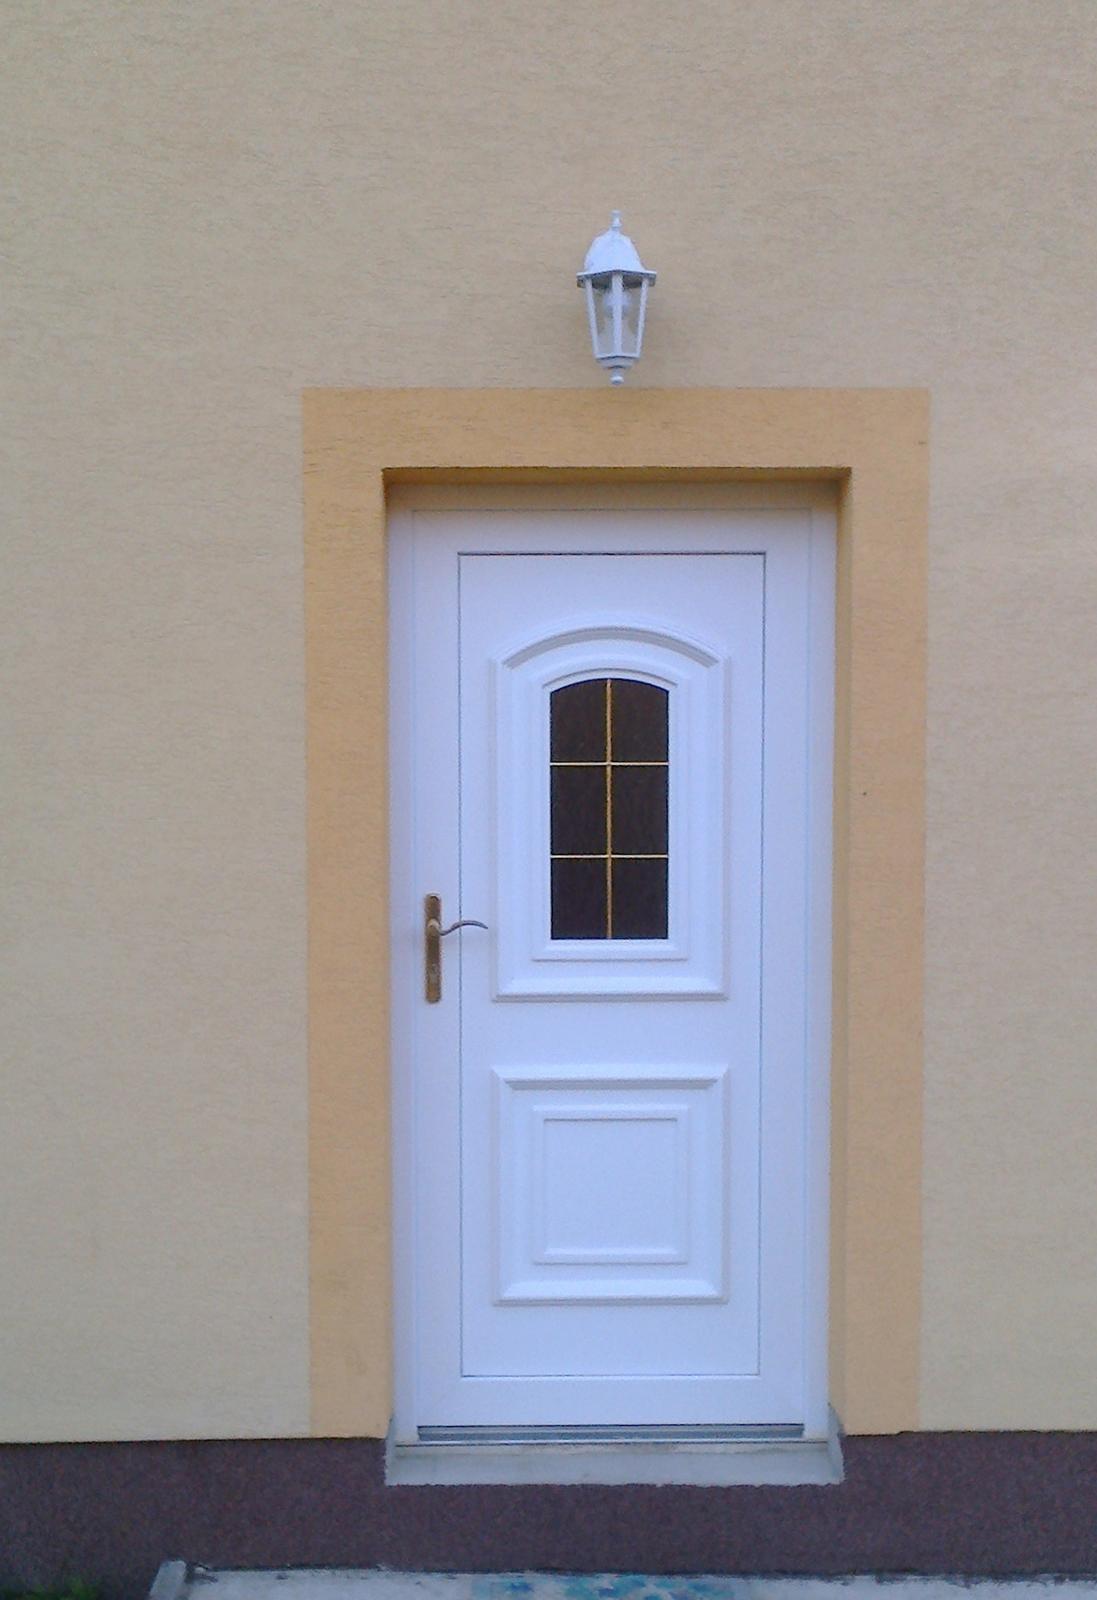 vchodove_dvere_gavaplast - GAVA 015-plastová dverná výplň